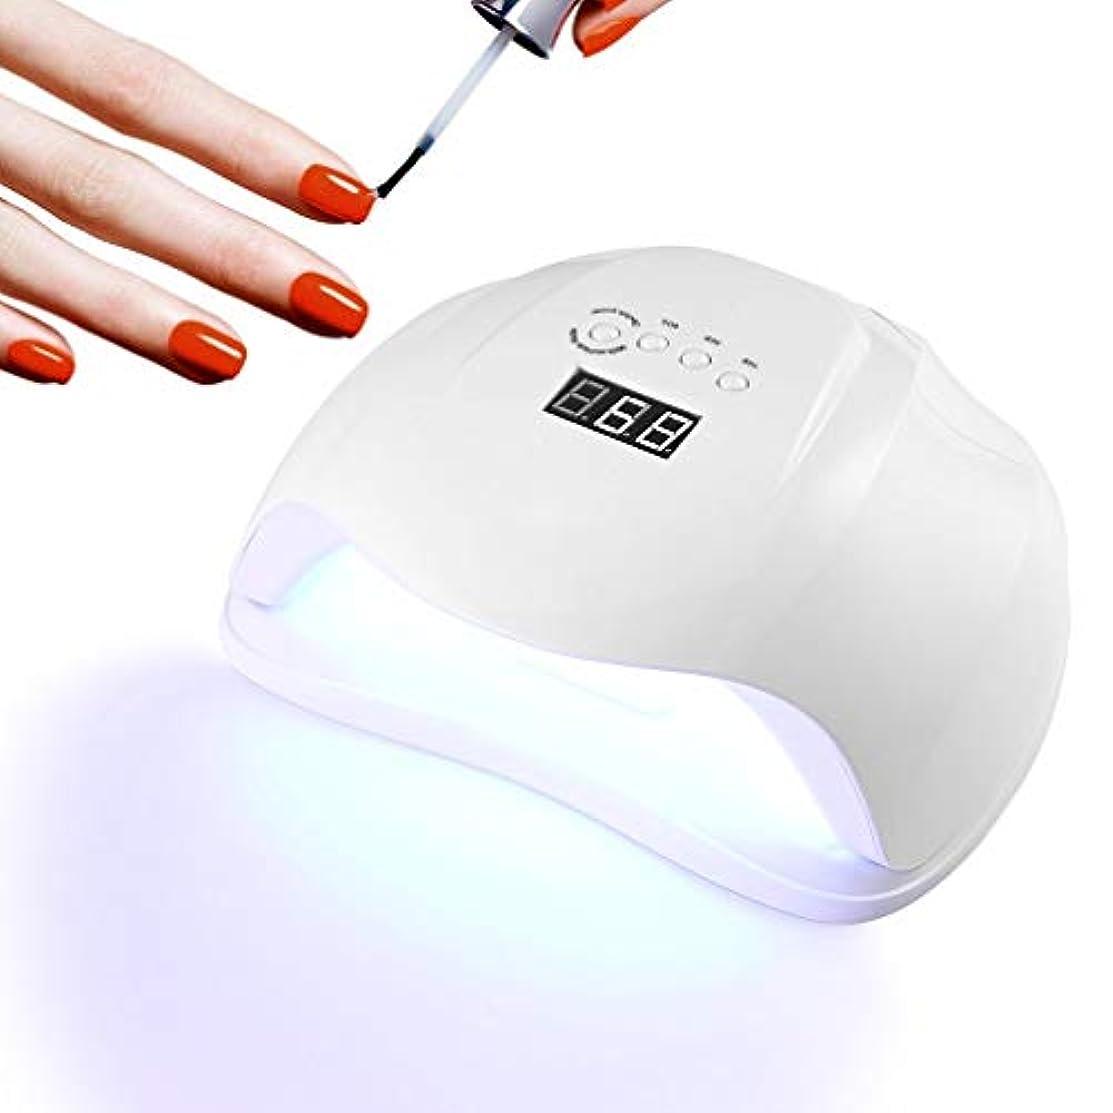 慣習以下パフ【2019年最新版】 ネイルドライヤー 硬化用UVライト 54W UV LED ネイルライト UVレジンライト ジェルネイルLEDライトネイルライト54w新型 タイマー付き ネイルランプ赤外線センサー付き 液晶ディスプレー 手&足両用 自動センサー タイマー機能付き